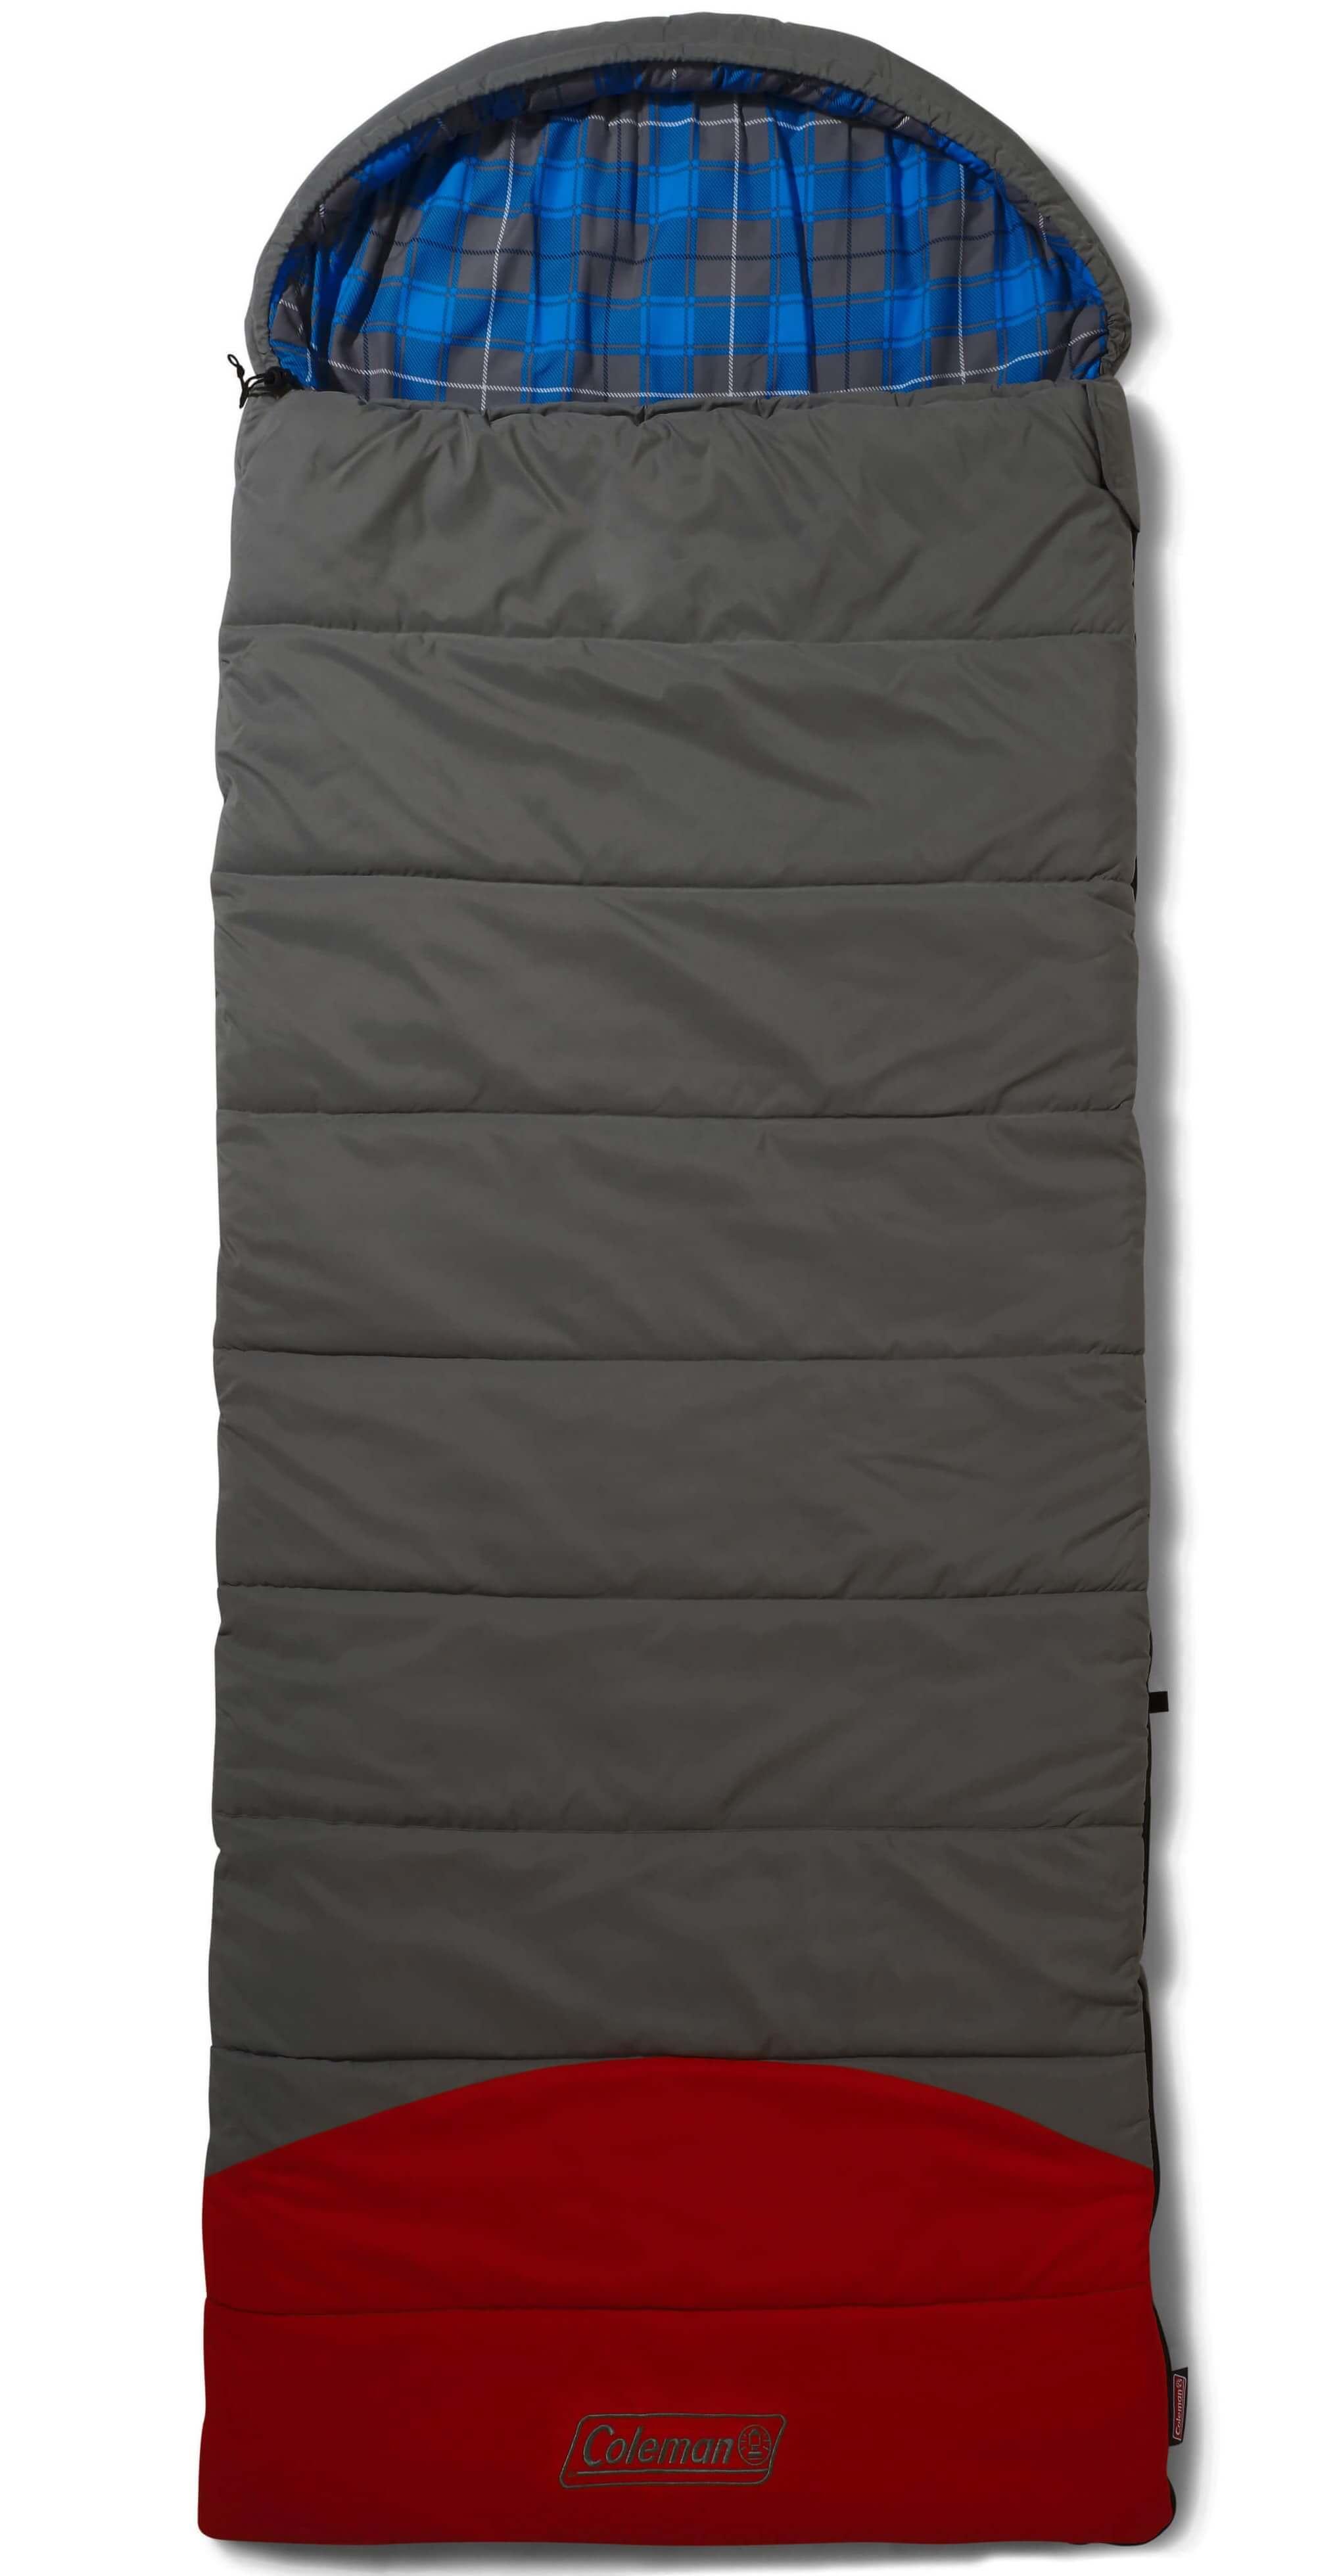 Image of   Coleman Basalt Comfort Sovepose - Grey / Rød / Blå